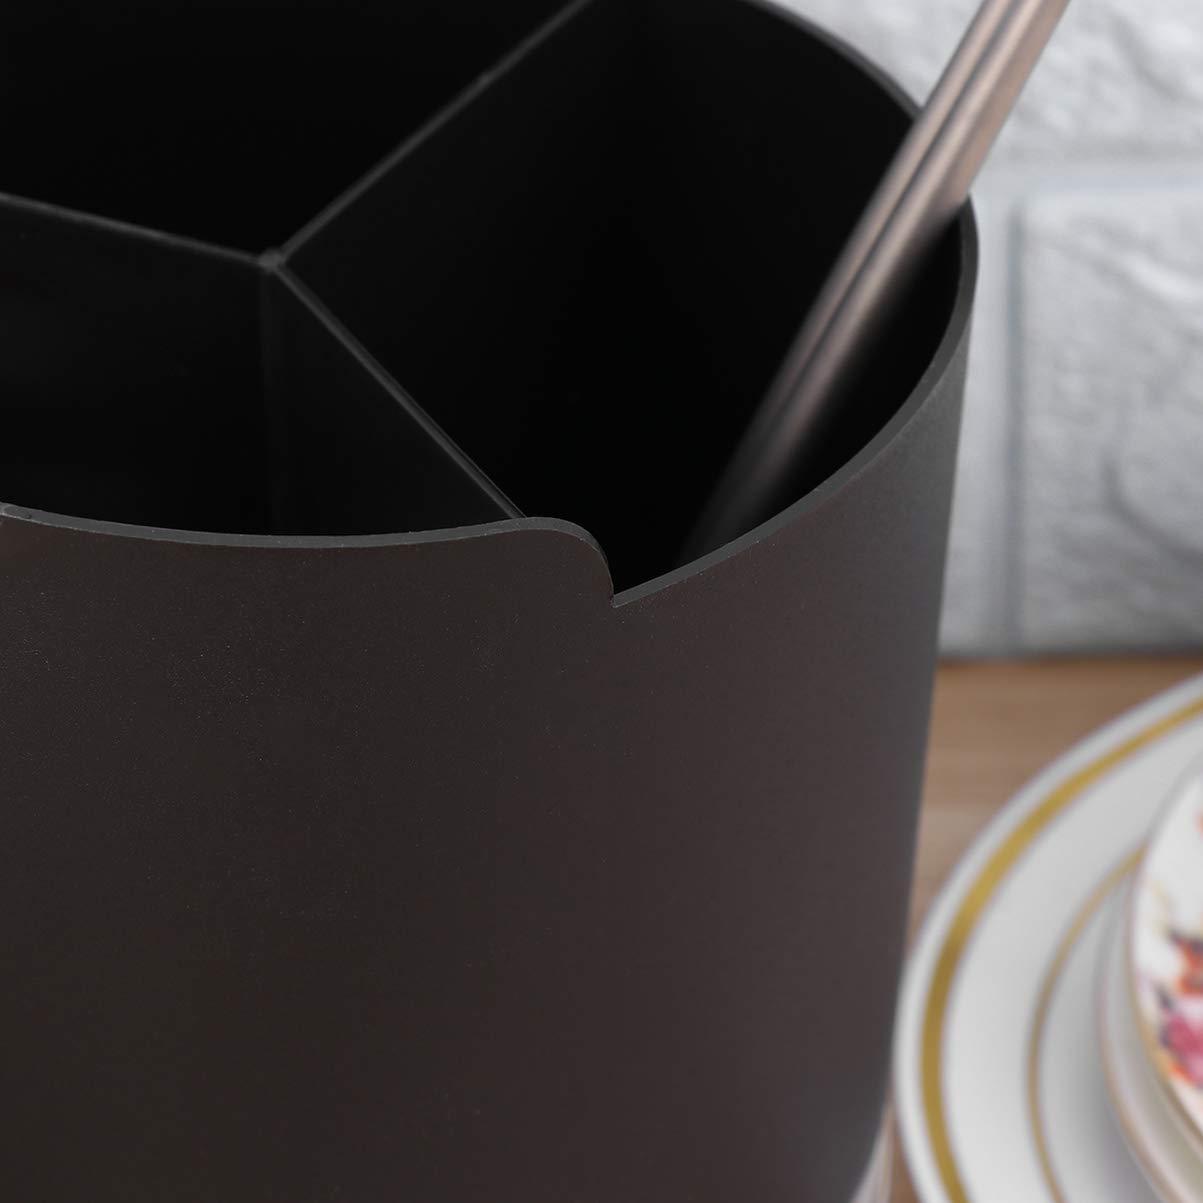 UPKOCH soporte para cubiertos de utensilios carrito organizador de utensilios de cocina pajitas de 3 compartimientos dispensador palillos soporte vajilla escurridor cubiertos cubiertos negro